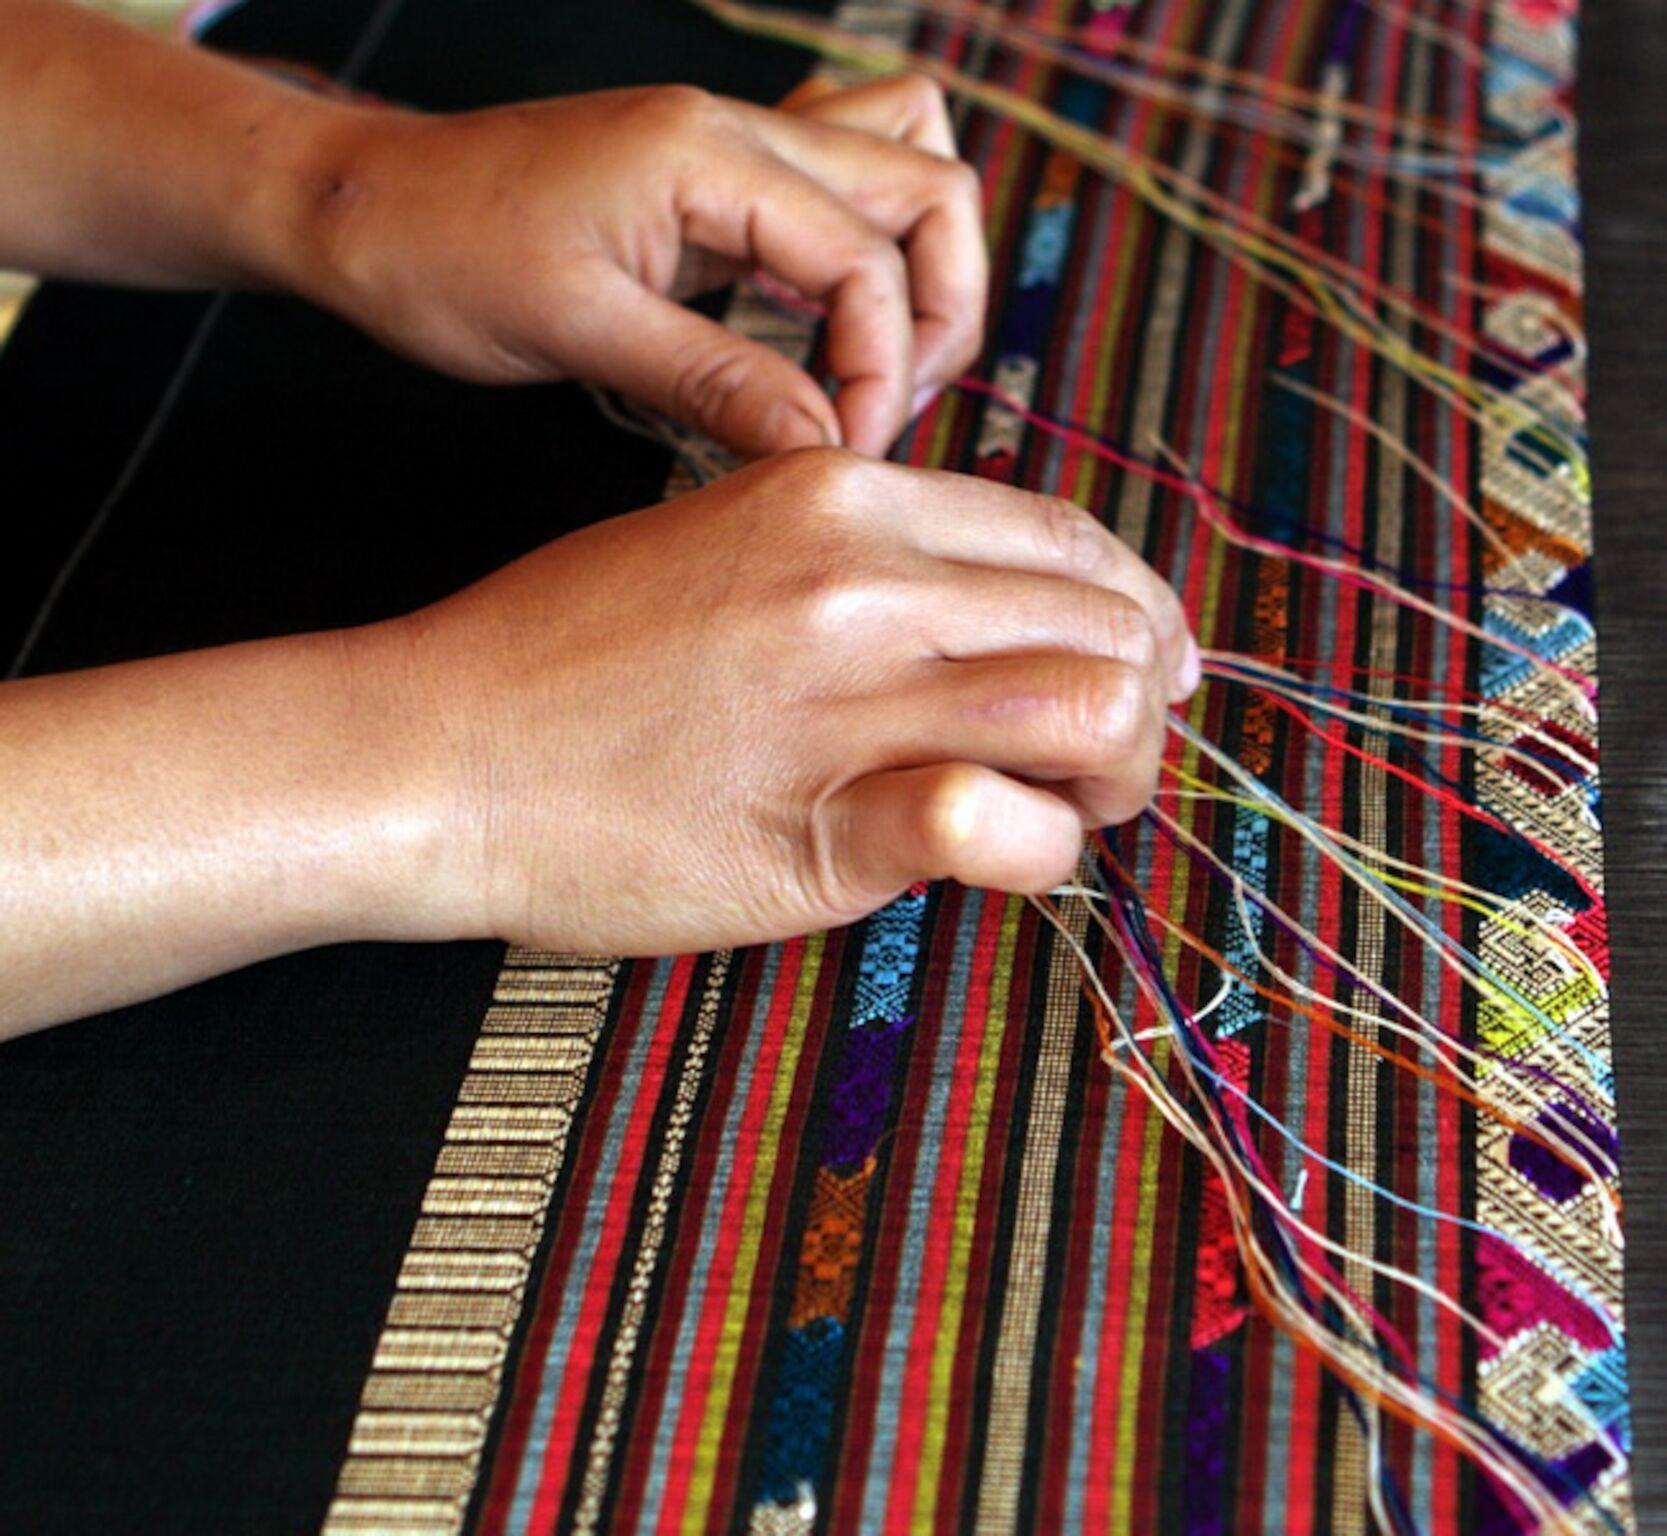 Tejido textil en Ouy Chau